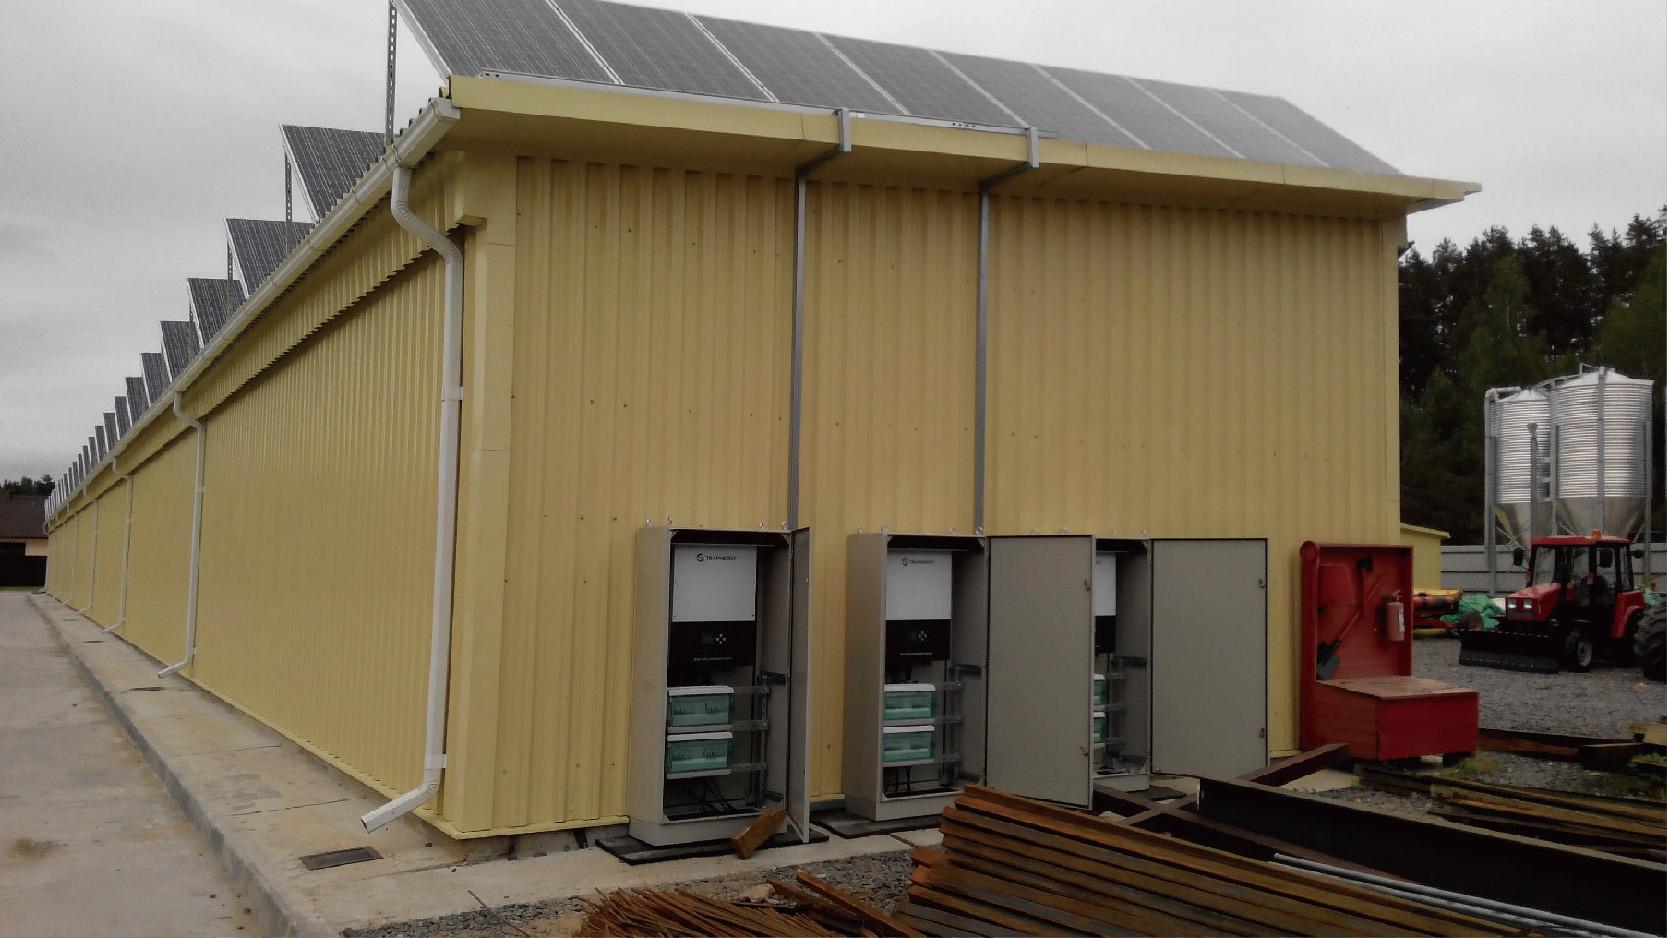 白俄罗斯系列工厂屋顶项目  5.1MW